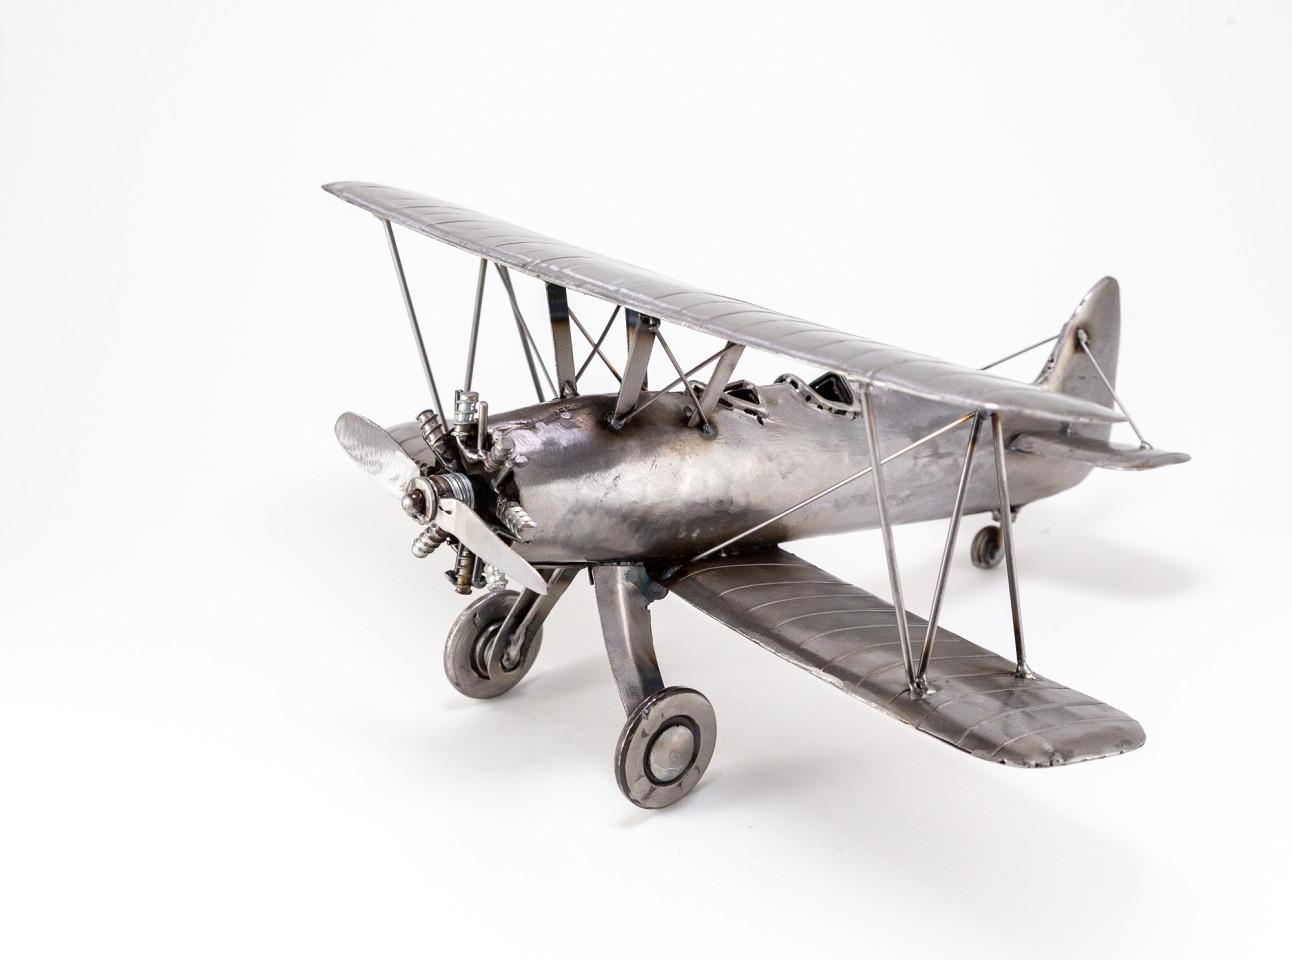 Kerry Whittle, Bi-Plane